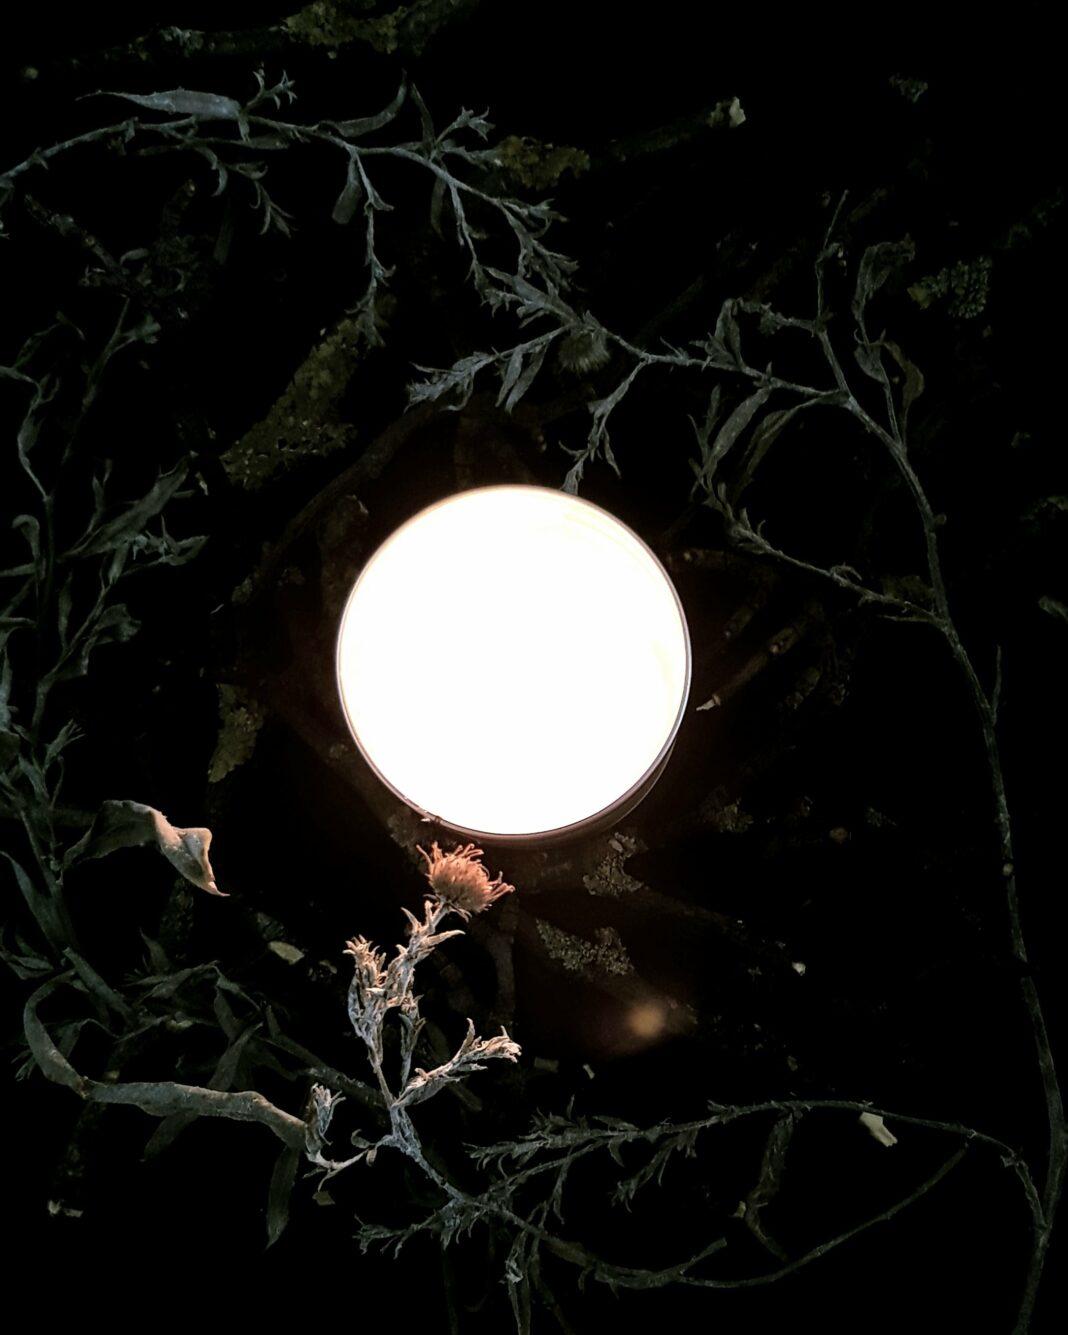 Full Moon November, digital image for Lunascope Newsletter 2018